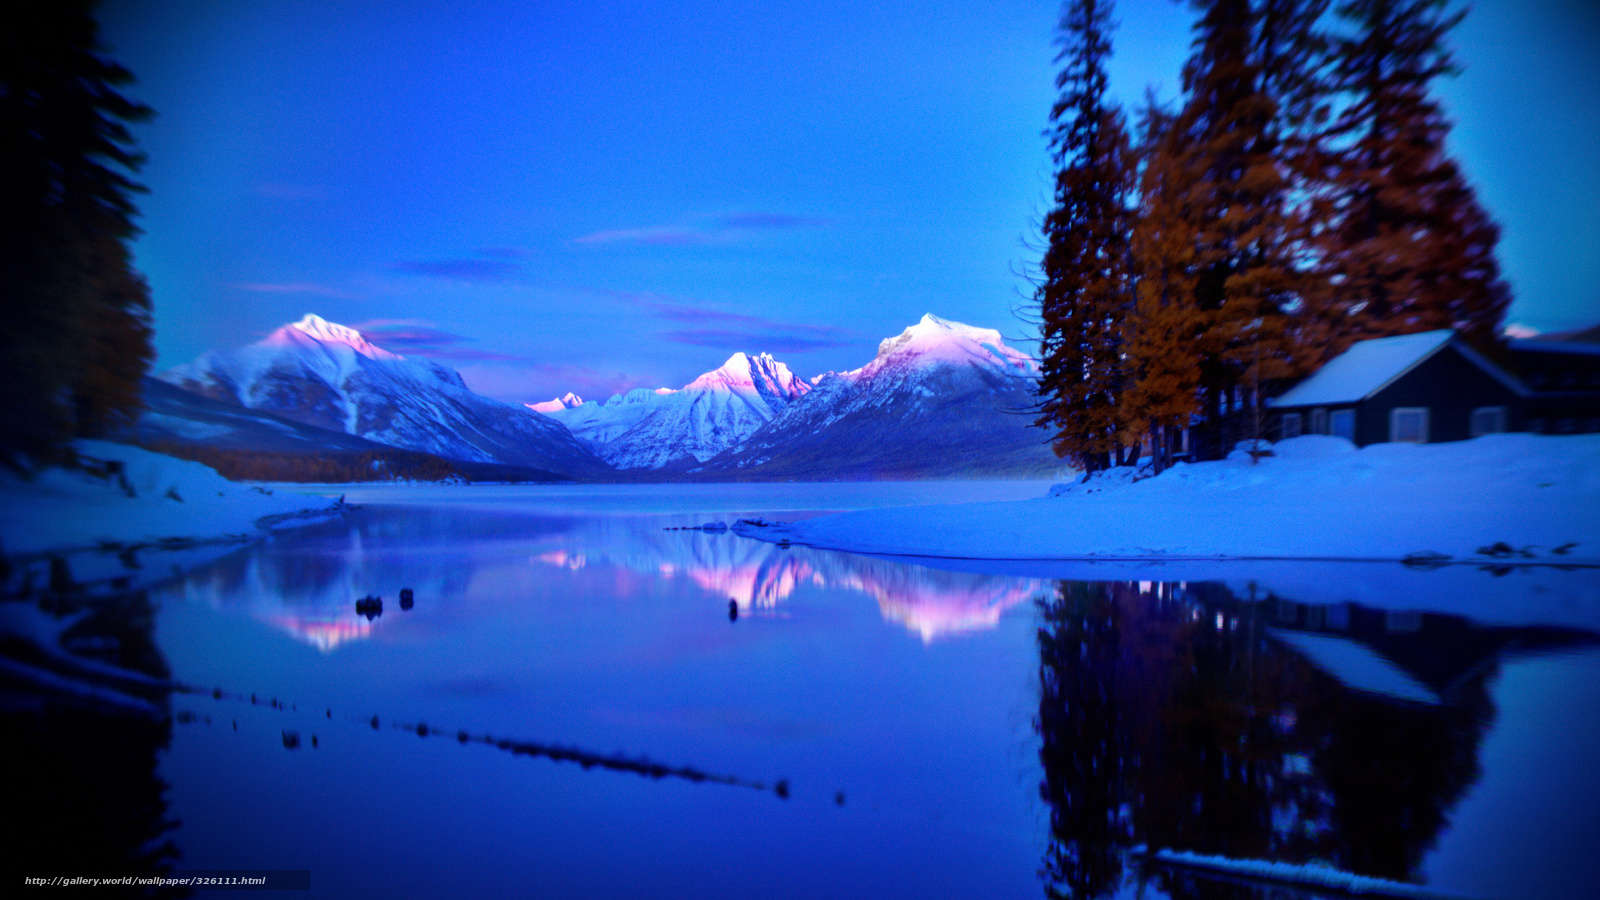 Scaricare gli sfondi inverno montagne loggia sfondi for Sfondi gratis desktop inverno